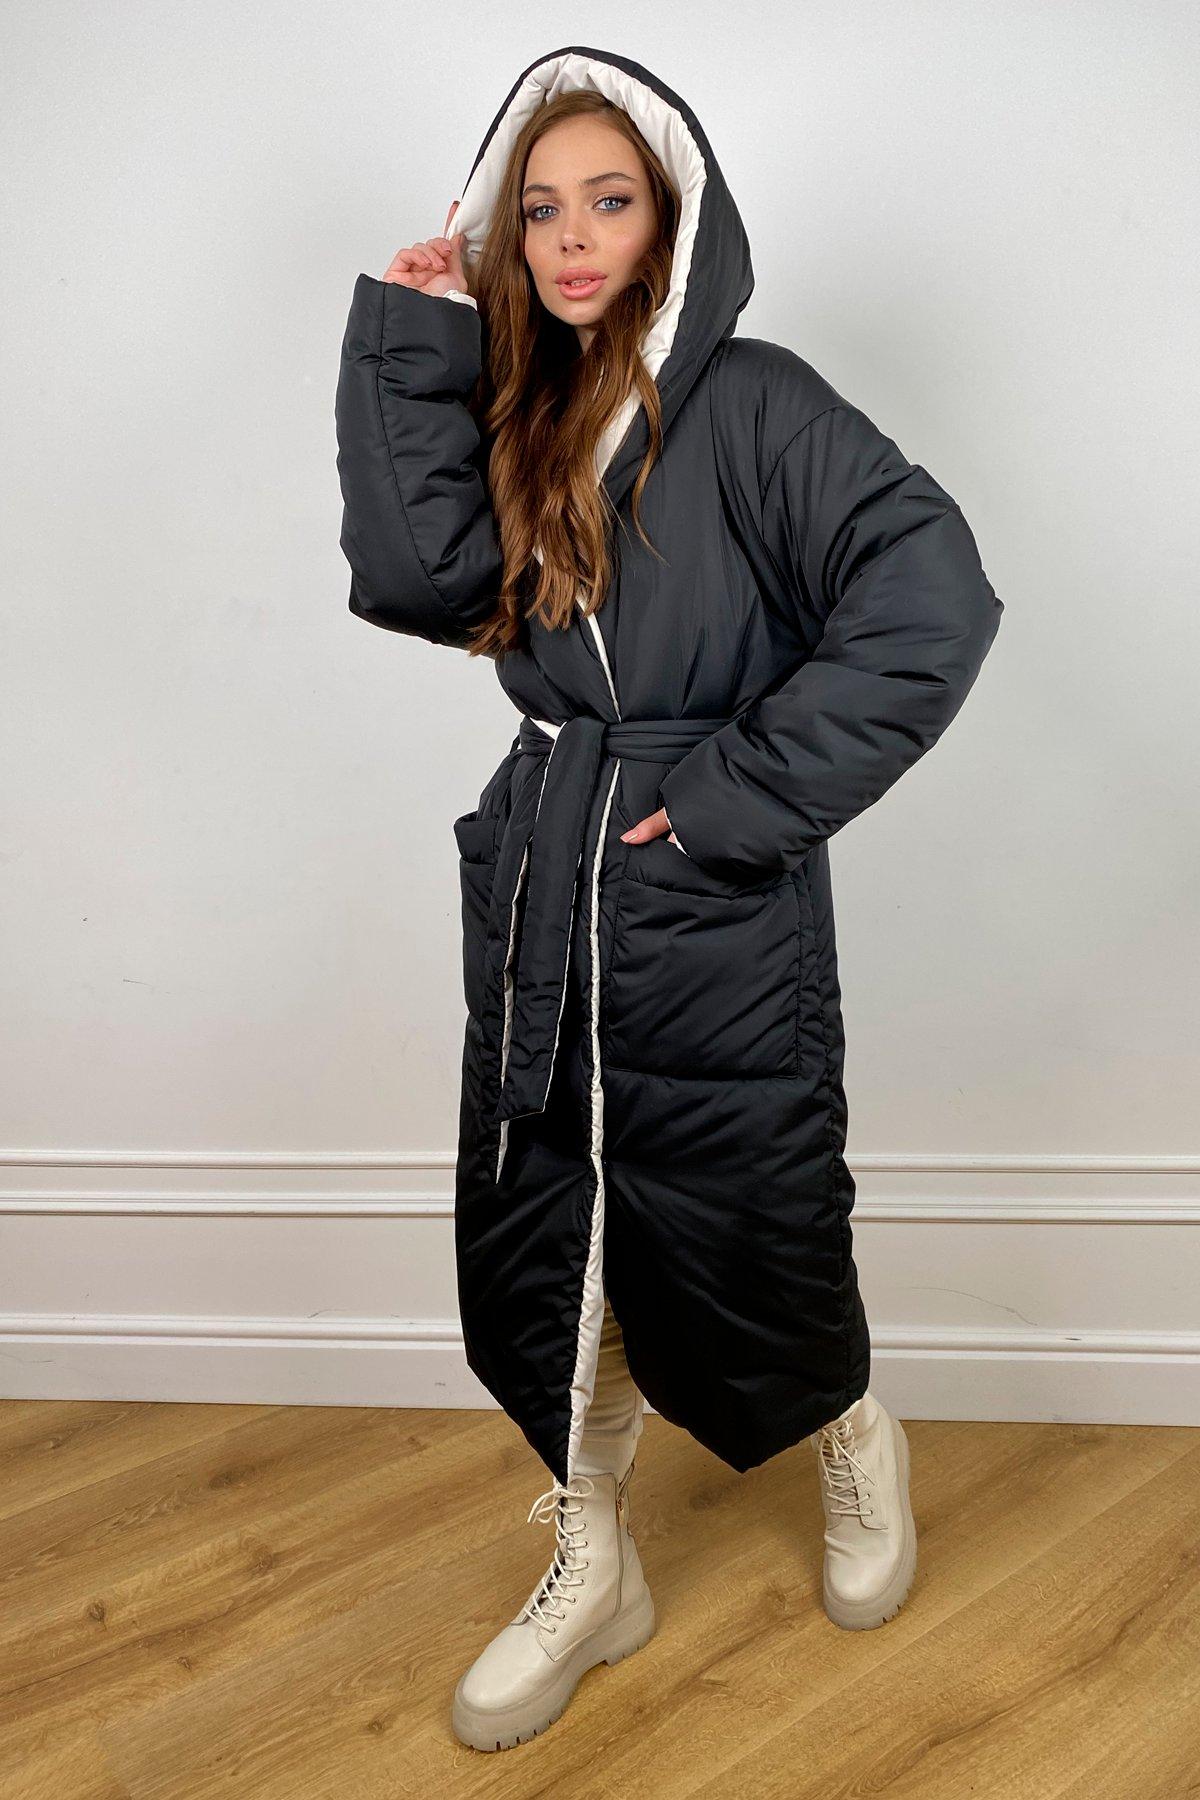 куртка женская купить Келвин пуховик плащевка Ammy 10252